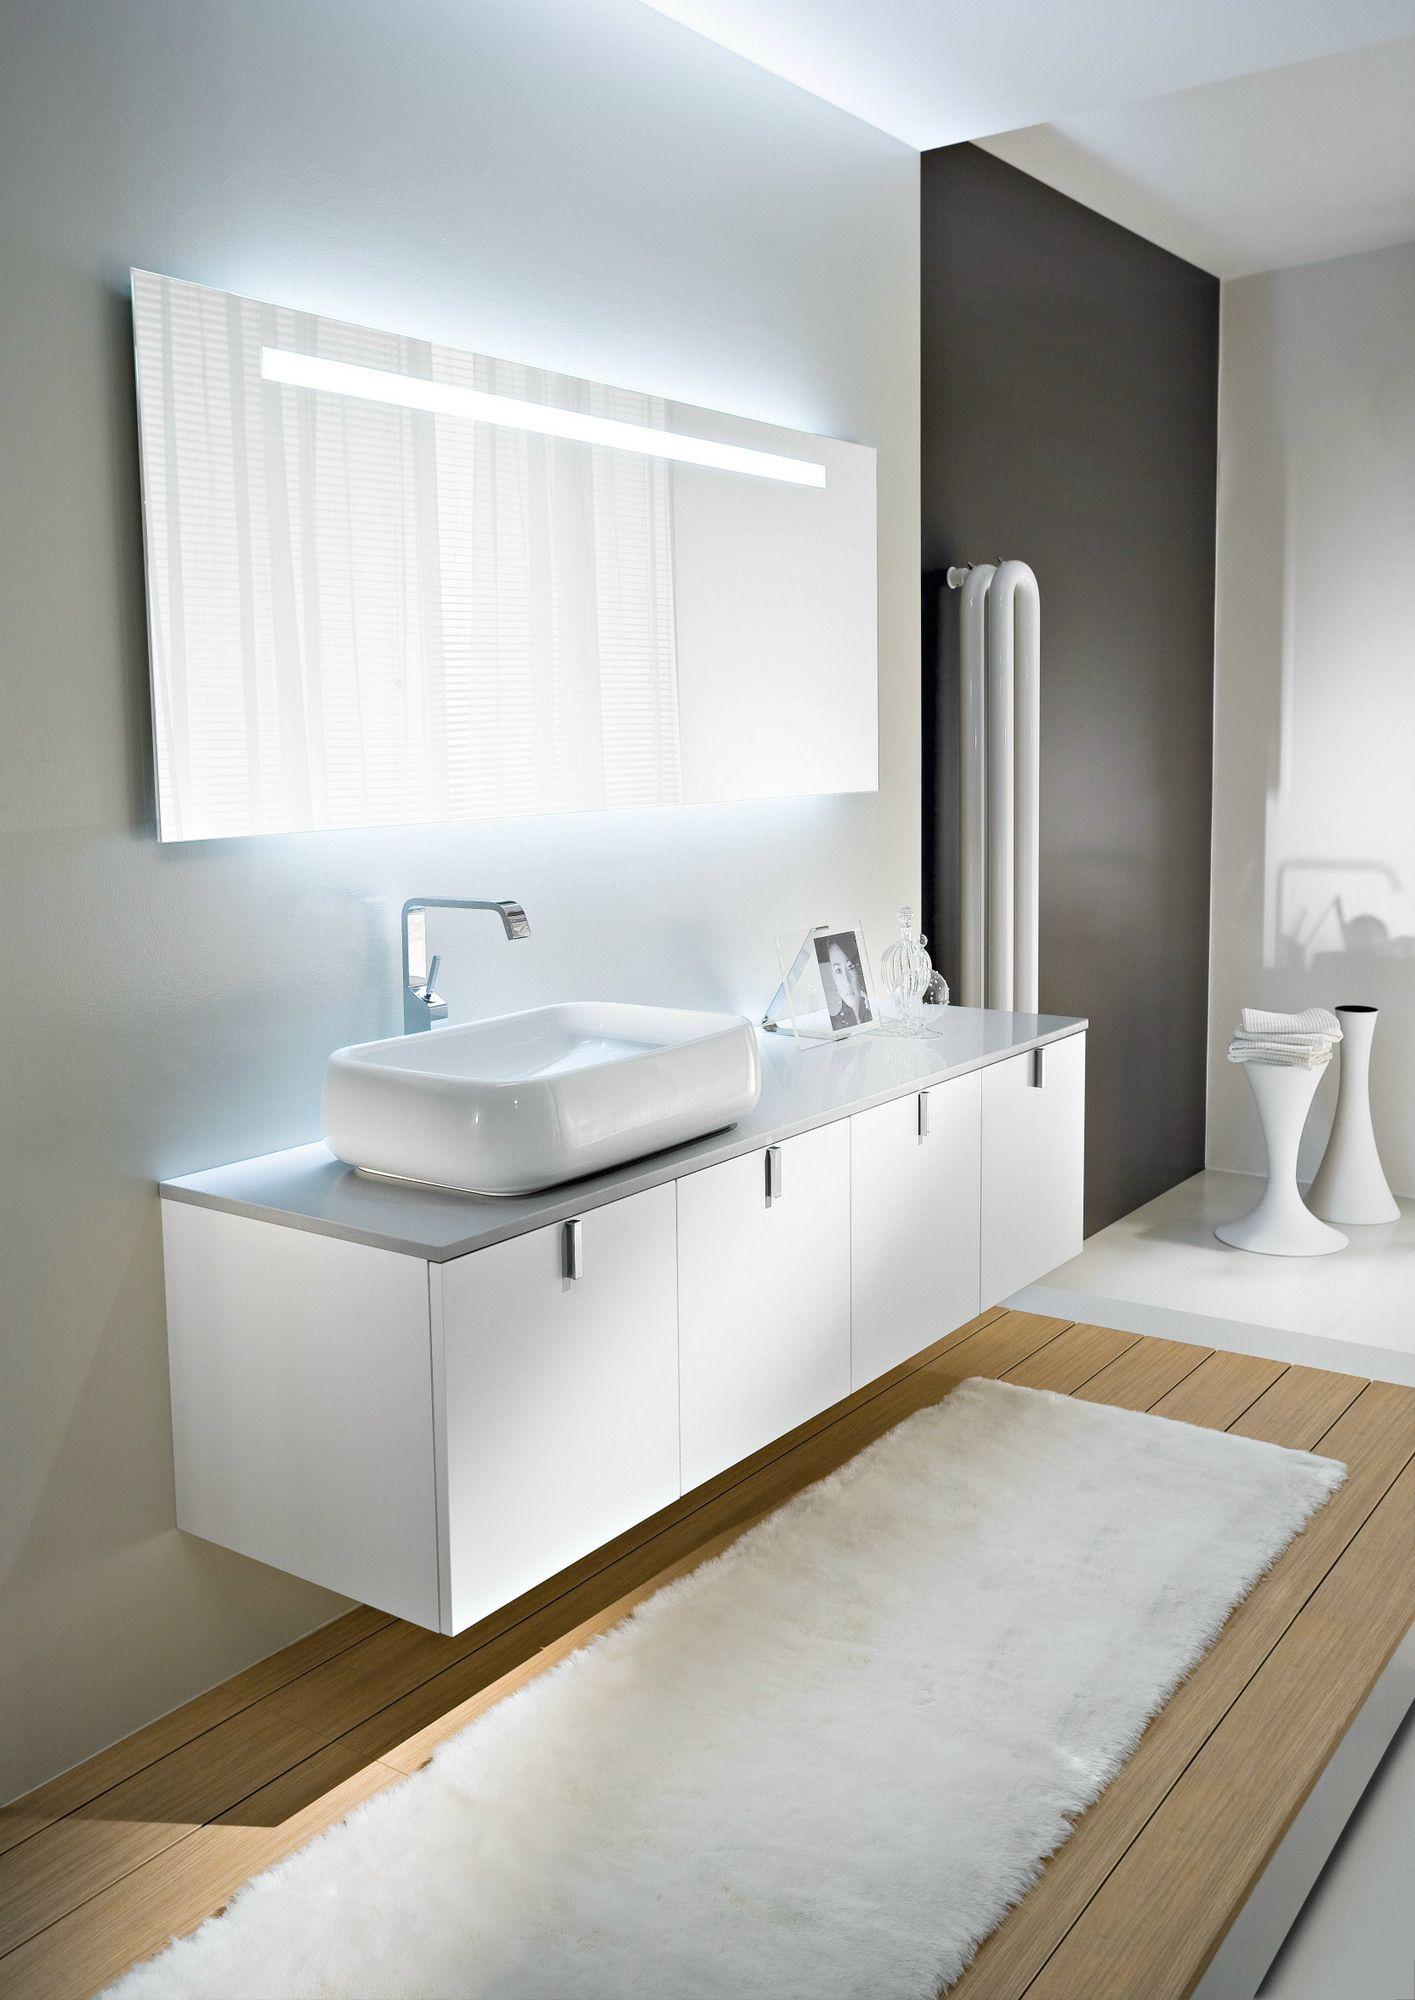 Mobile lavabo sospeso comp c04 by ideagroup - Mobili lavabo sospesi ...